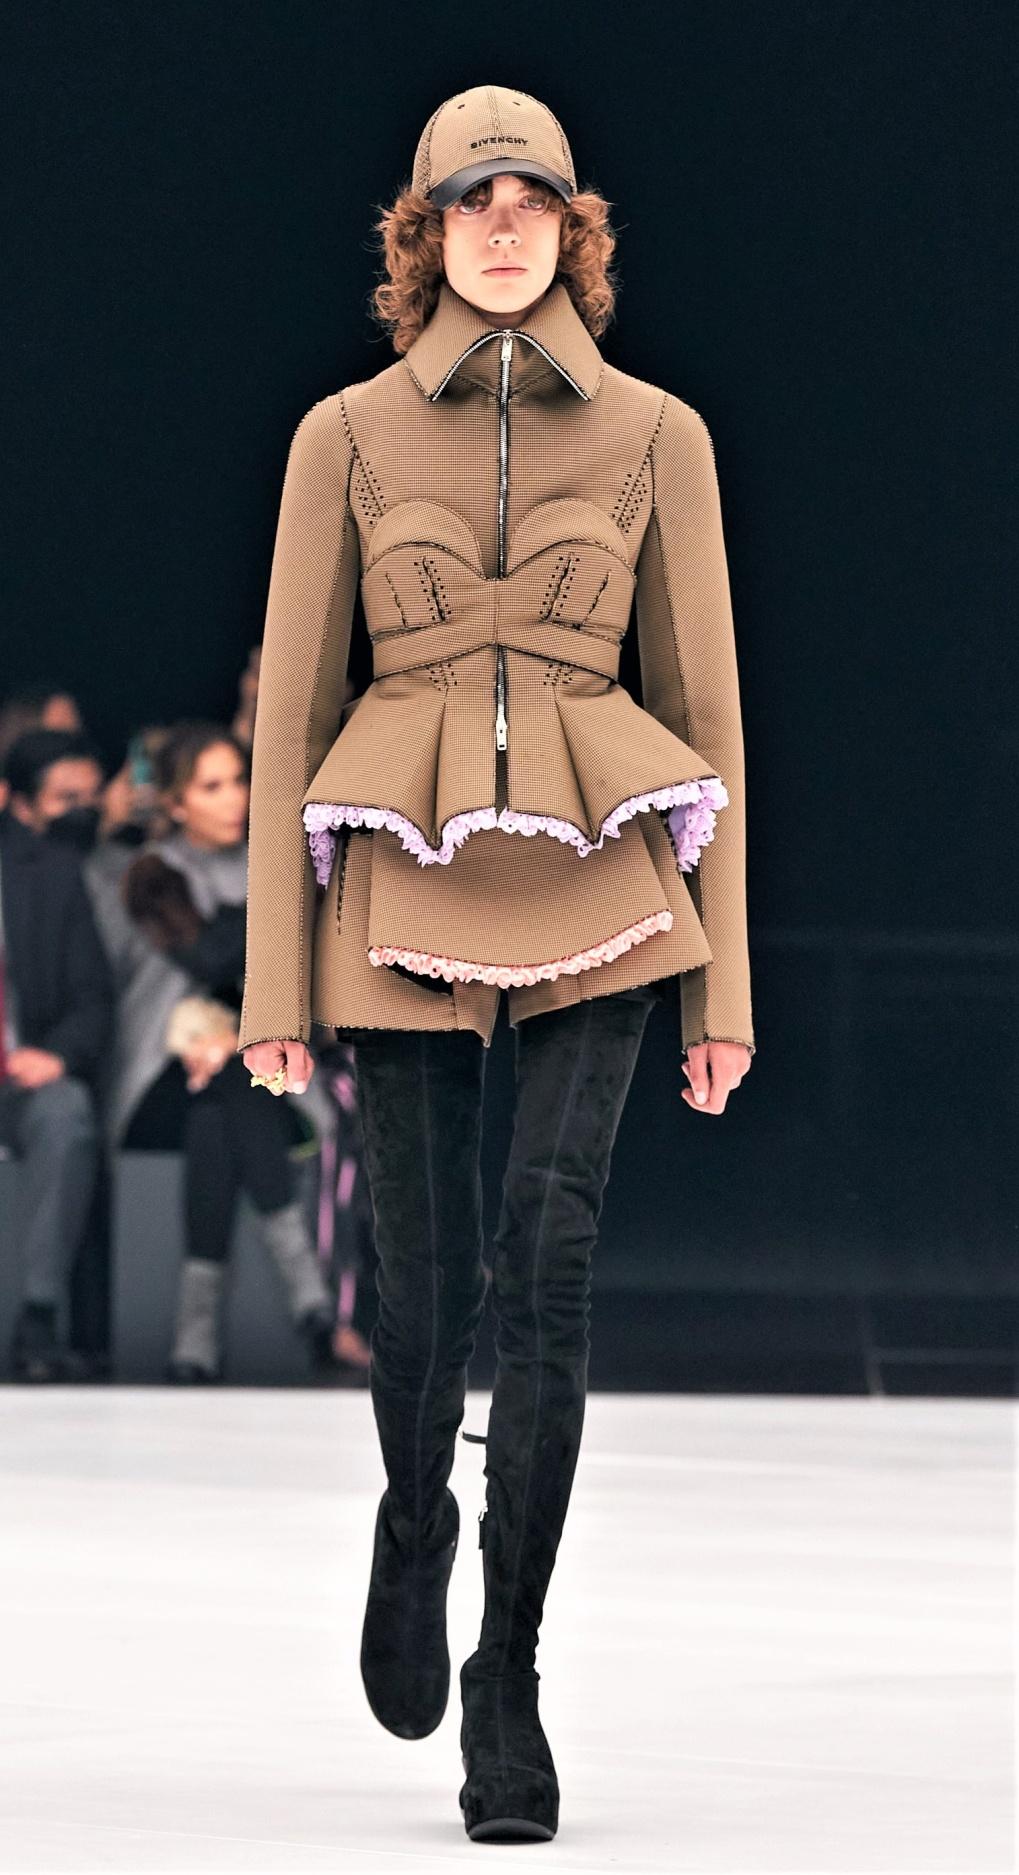 Paris 2. Givenchy beige peplum vog cropped.jpg